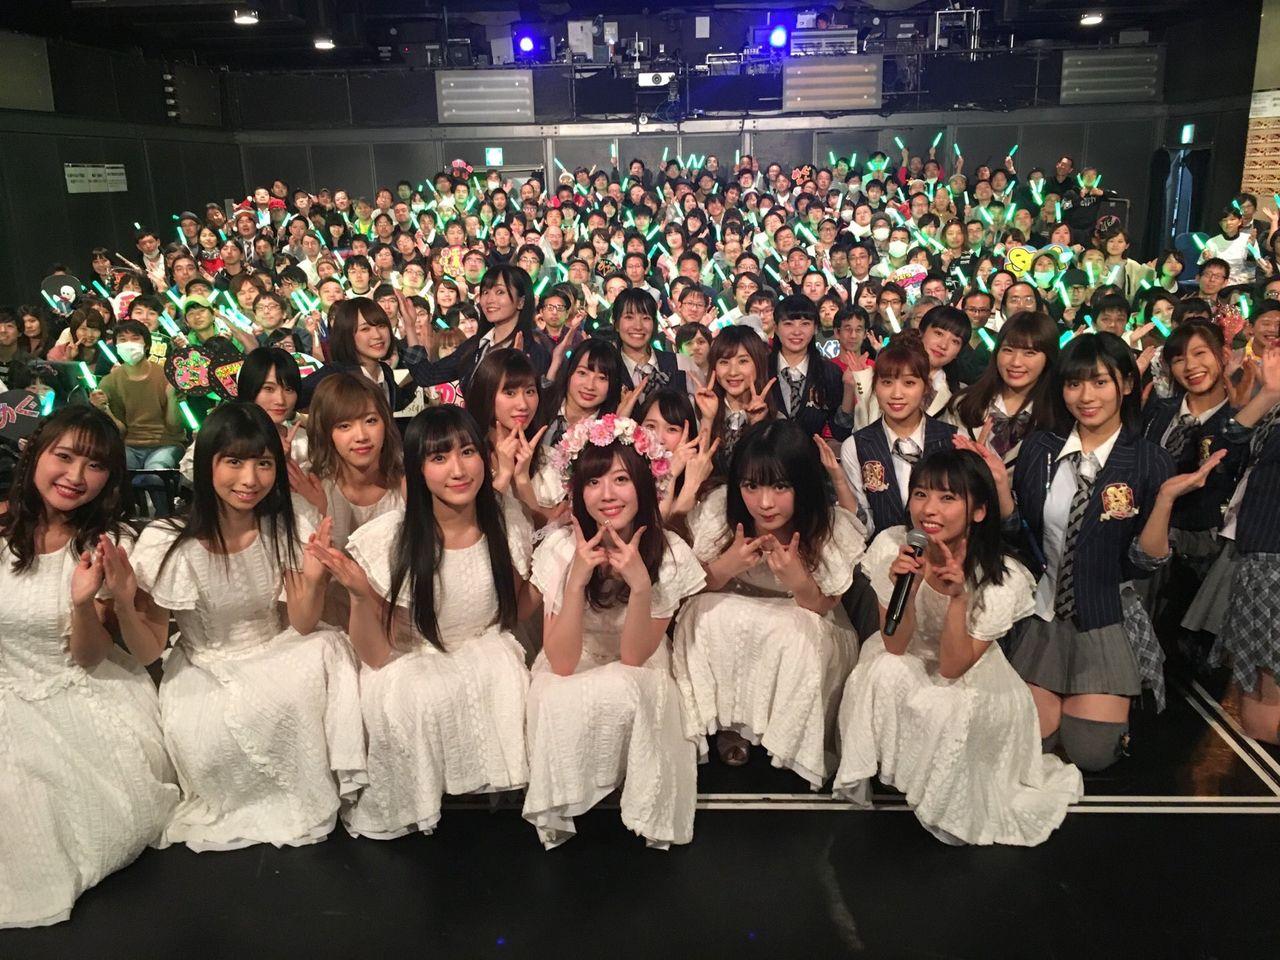 """【NMB 48】 Matsumura Gigaku Graduation Performance, la scène à partir de Janvier """"Autres rapports gentils sont ..."""""""